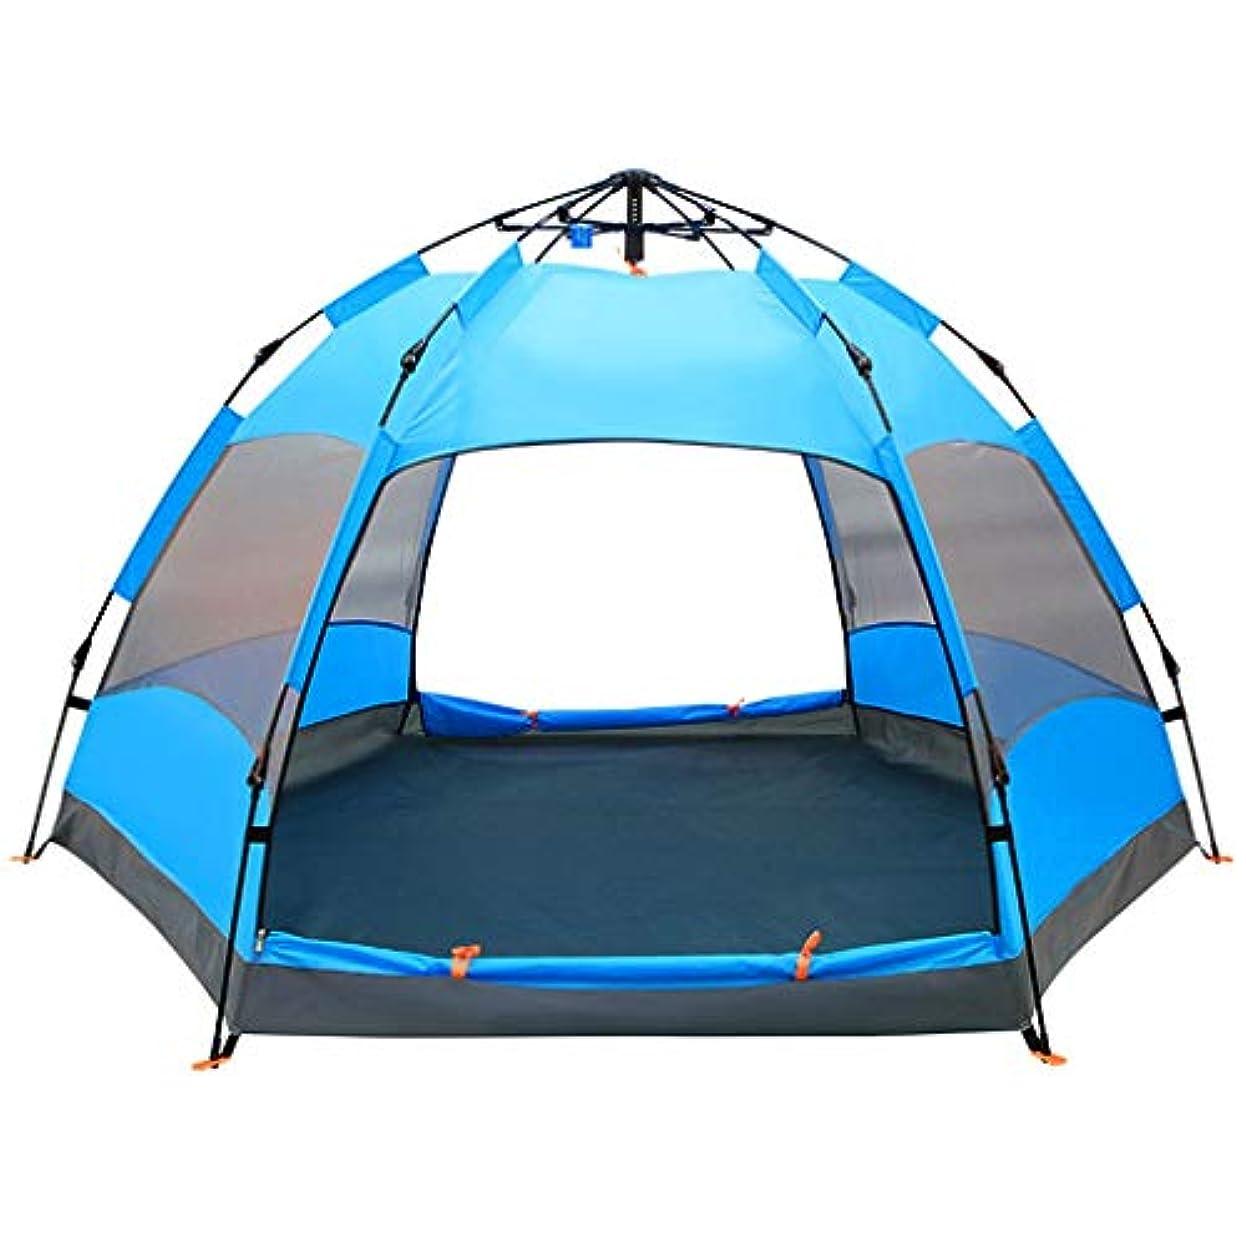 支払い膜巻き取りALUP- テントアウトドア全自動キャンプ場ファミリーレジャー設備5-8